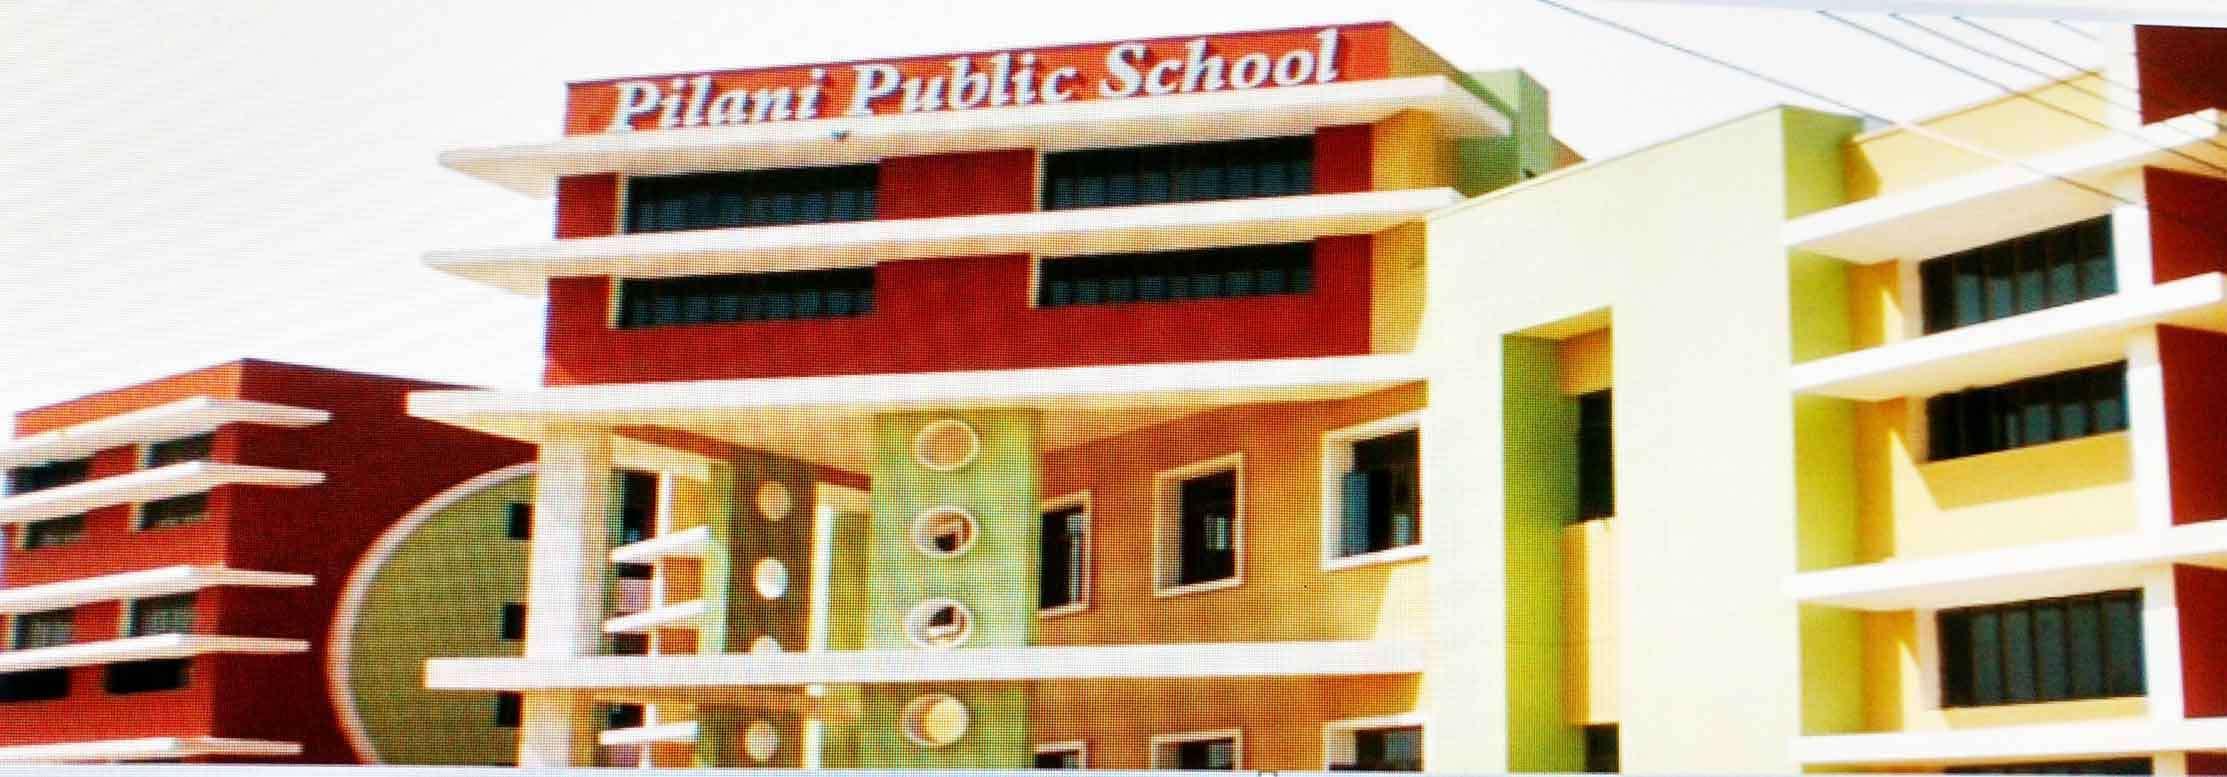 Pilani Public School Pilani Public School,Pilani-Chirawa-Jaipur Road